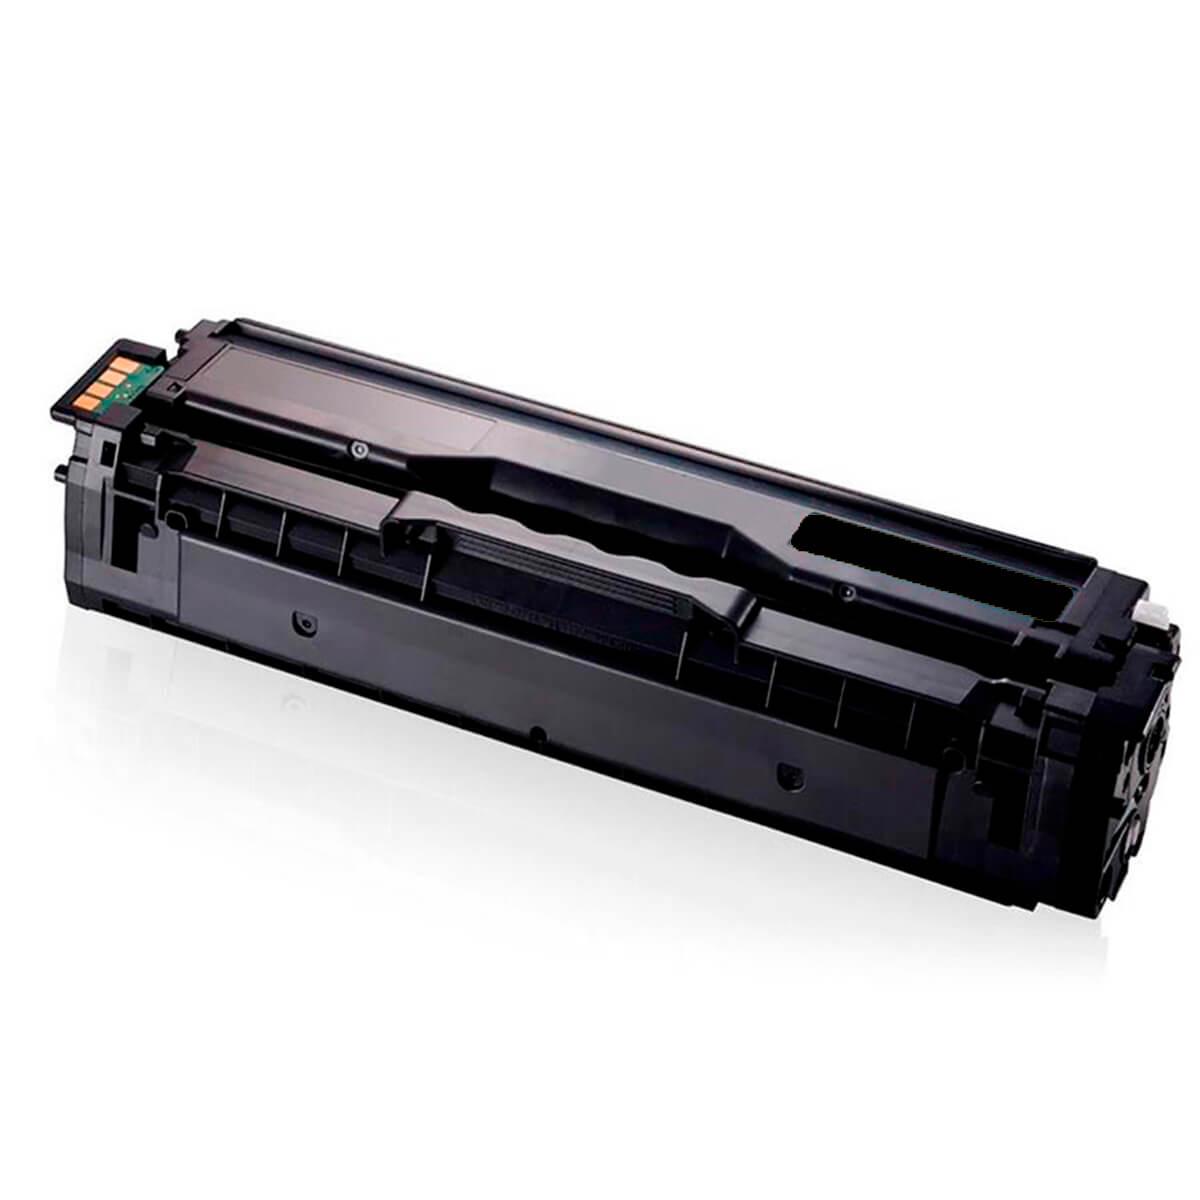 Compativel: Toner novasupri Samsung CLT-K504S 504S Preto CLX4195FN CLX4195FW CLP415NW C1860FW 2.5k